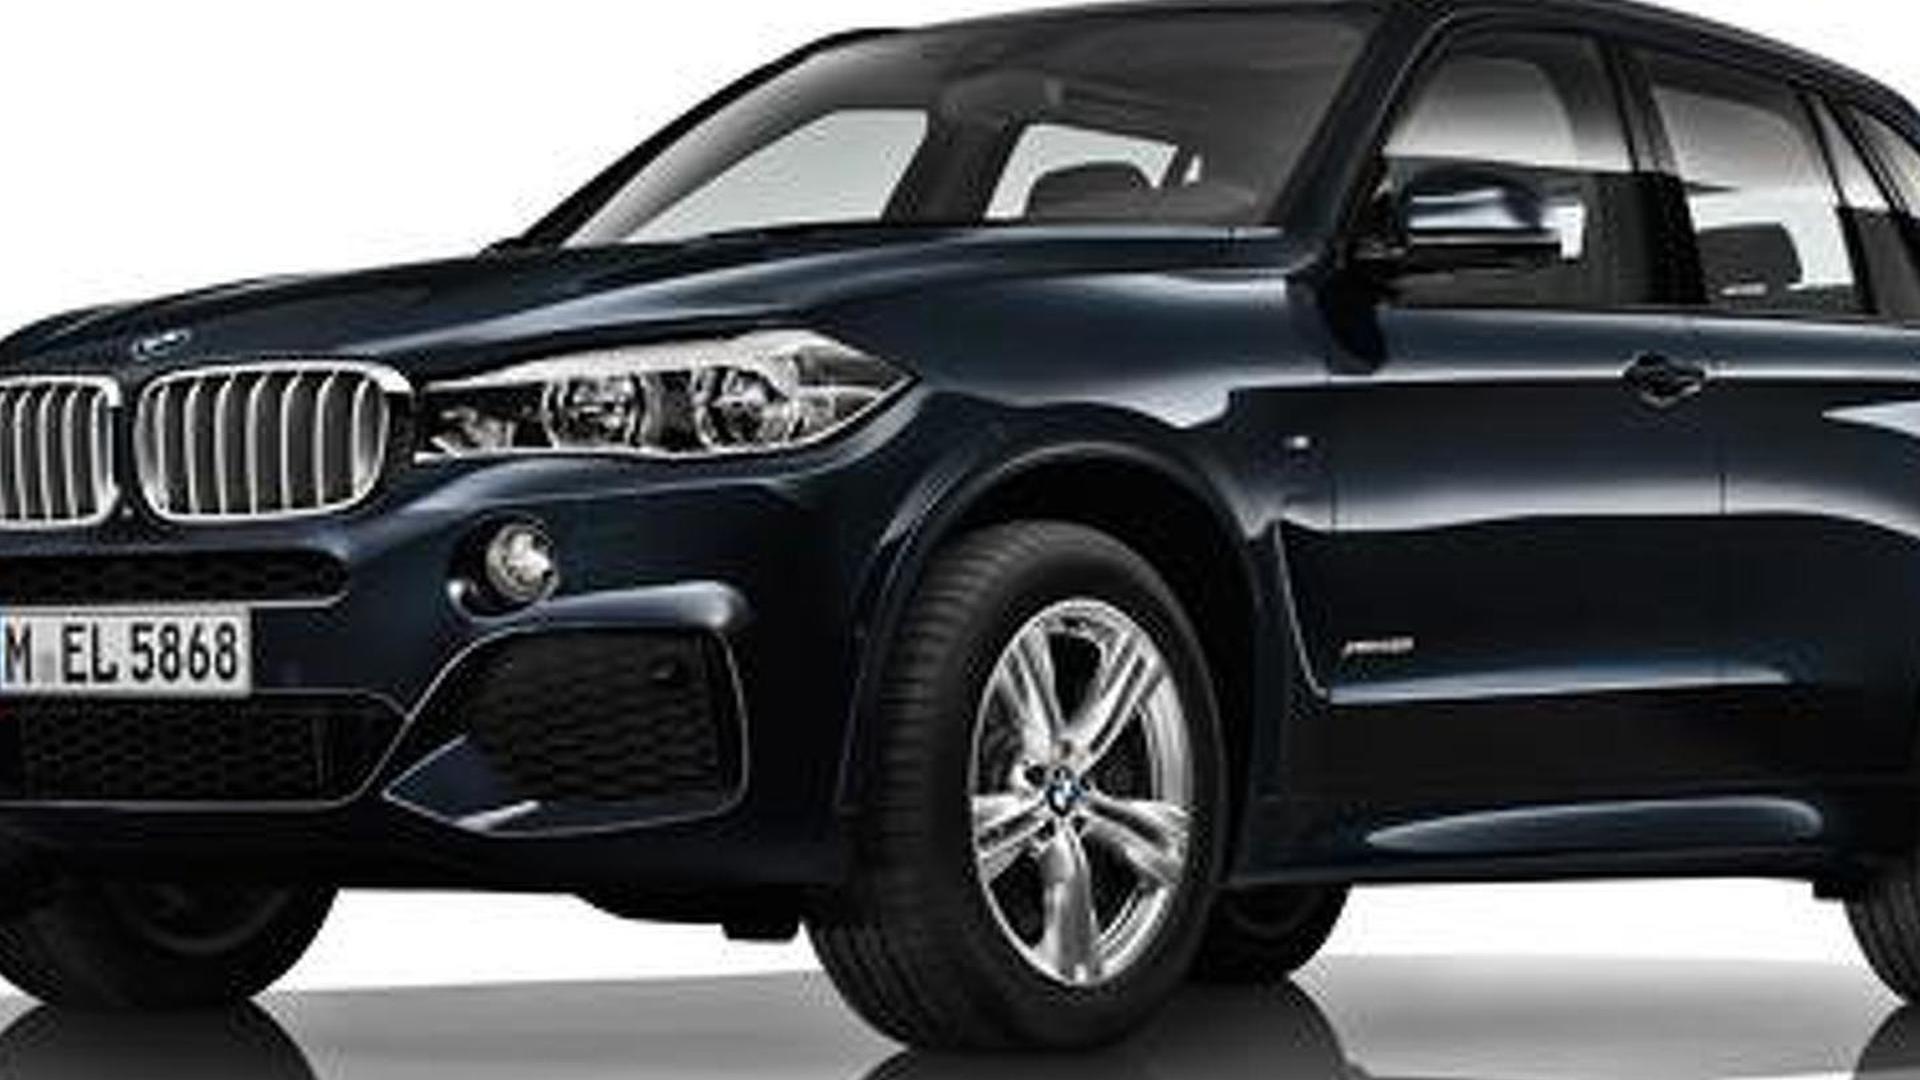 BMW X M Sport Revealed - 2014 bmw x5 m sport